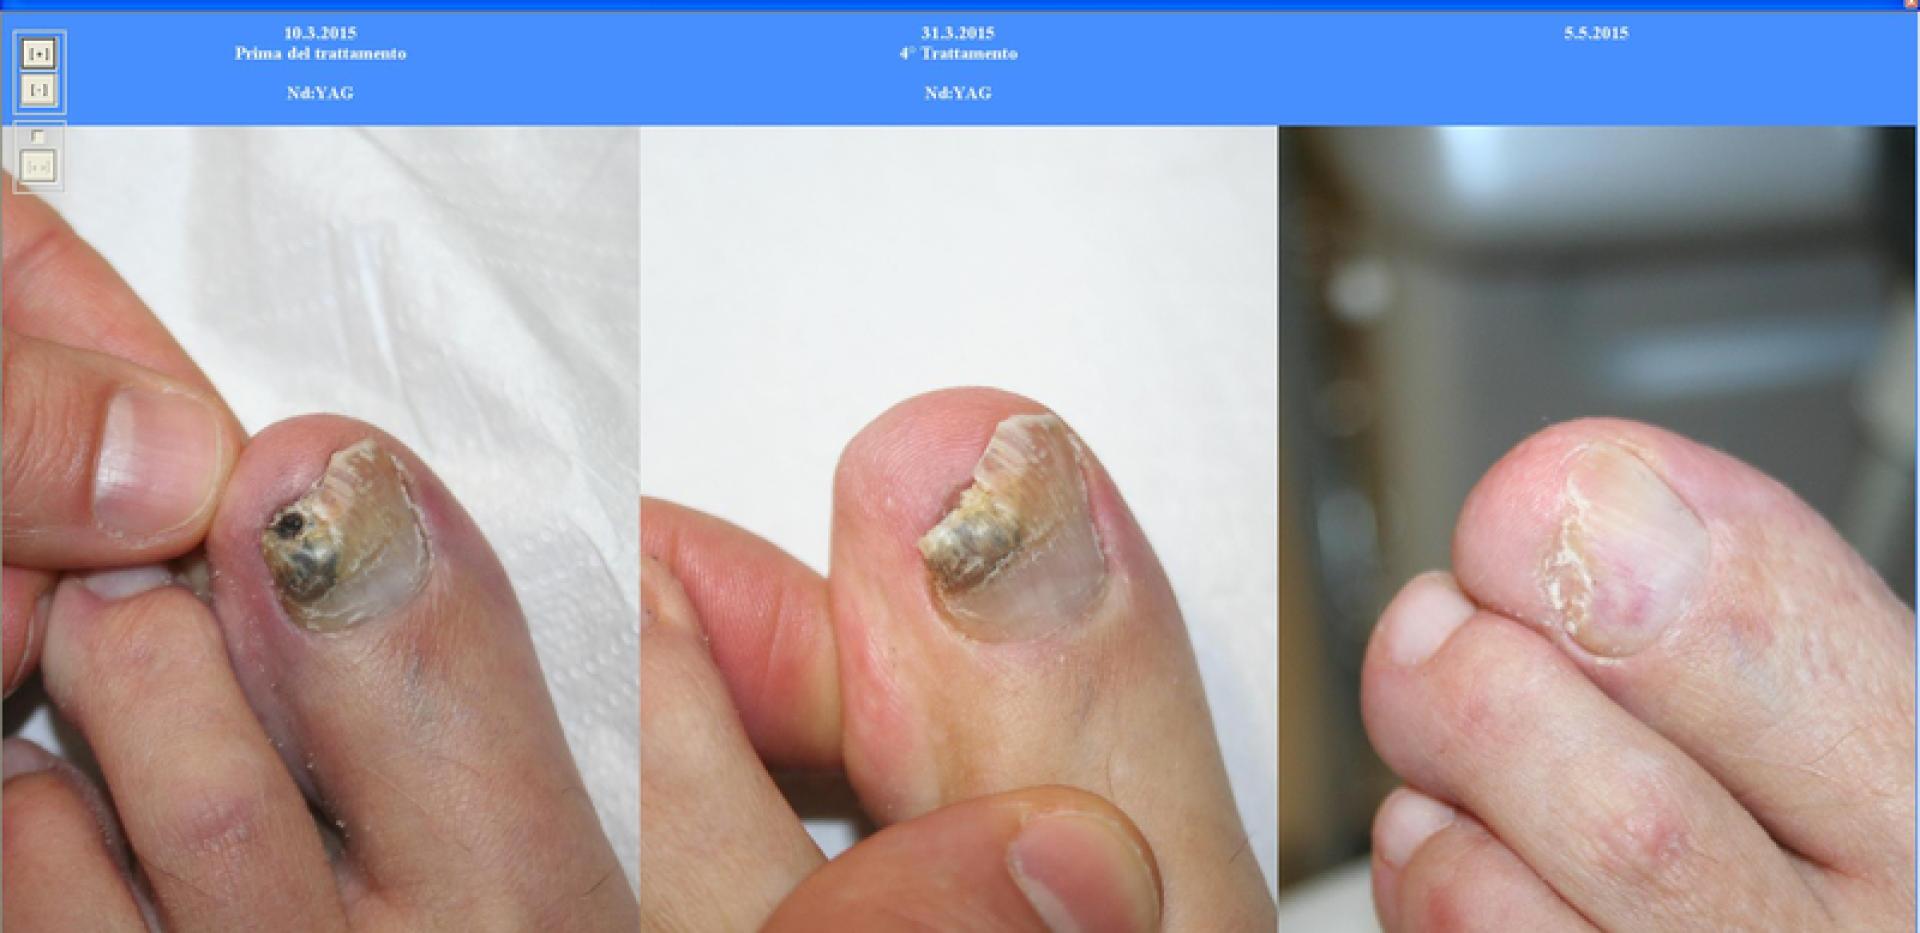 Fungo di medicine di unghie per trattamento batrafen